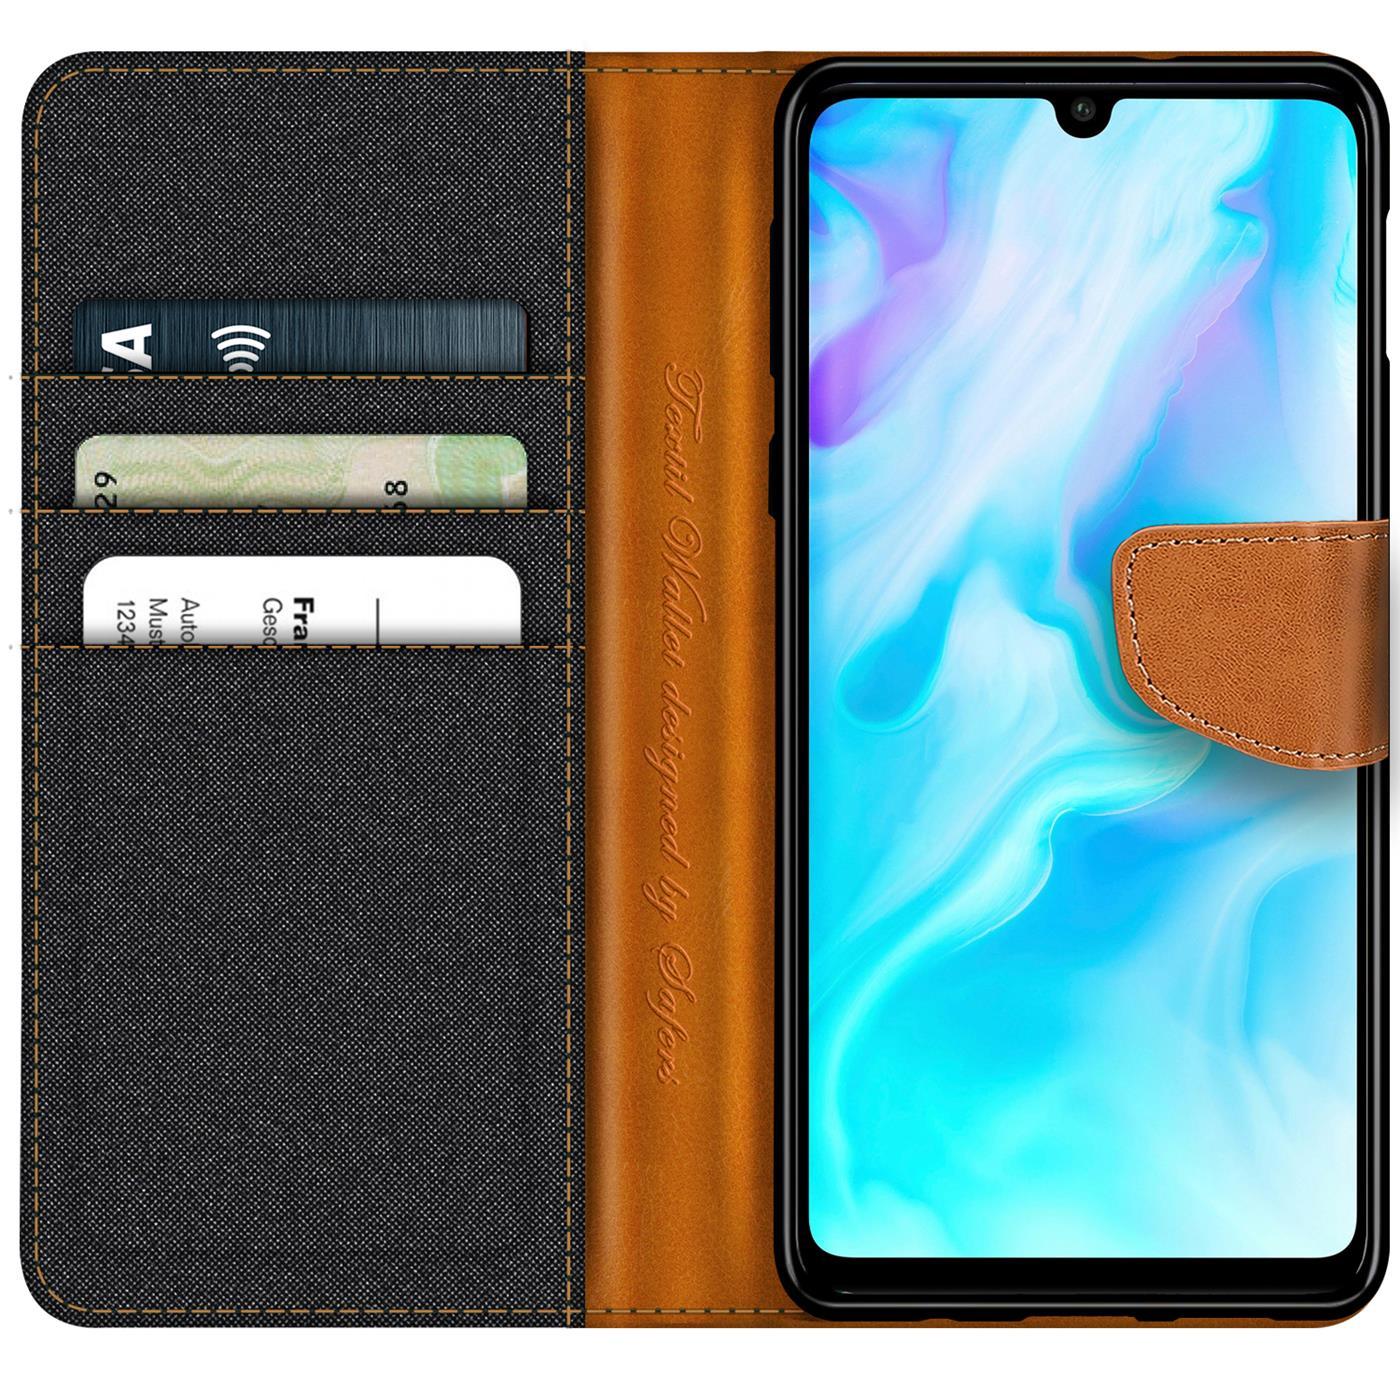 Schutzhuelle-Handy-Huelle-Flip-Case-Klapp-Tasche-Book-Case-Cover-Handyhuelle-Etui Indexbild 11